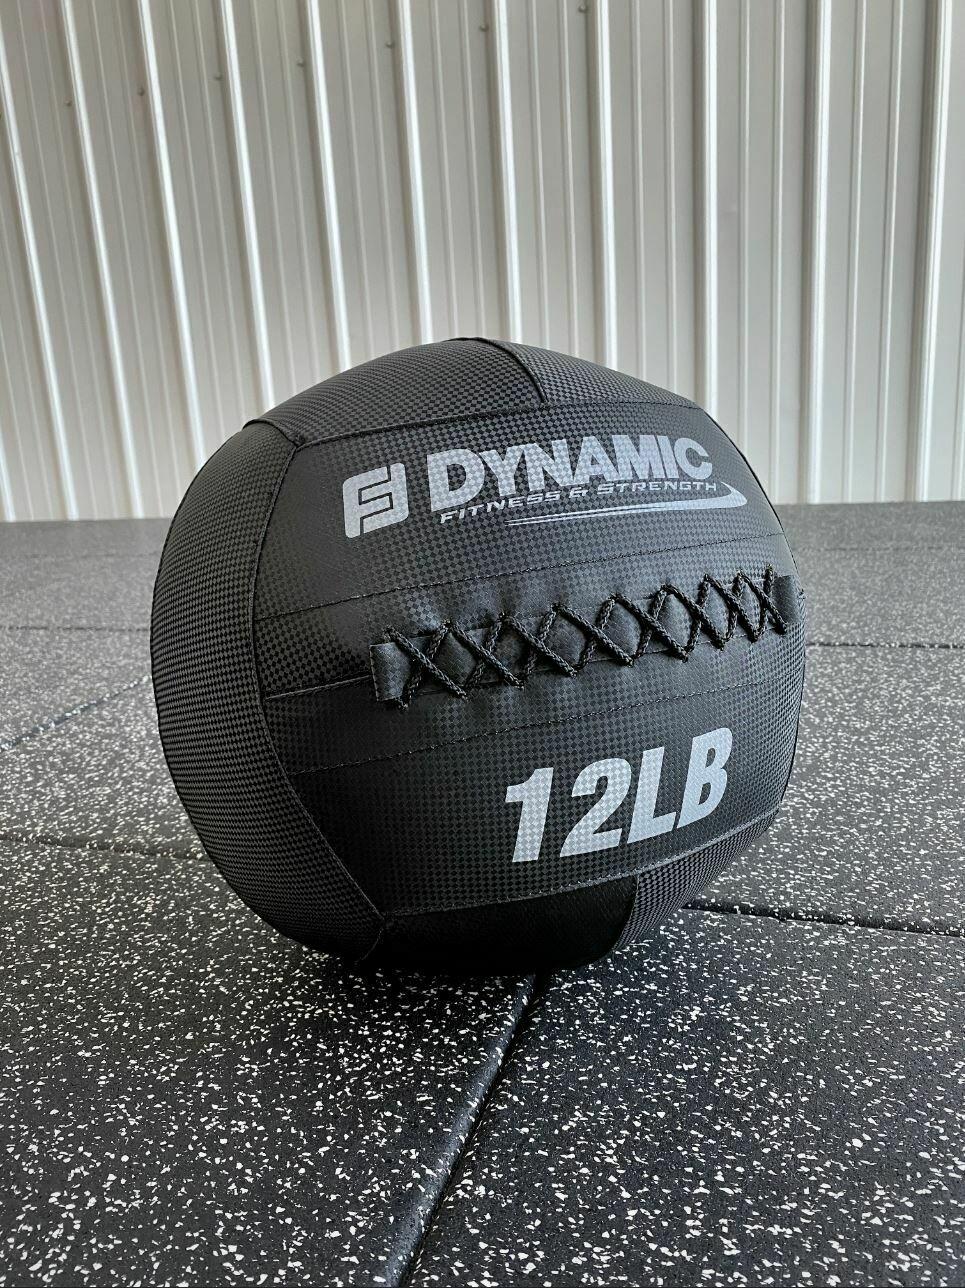 6LB Wall Ball